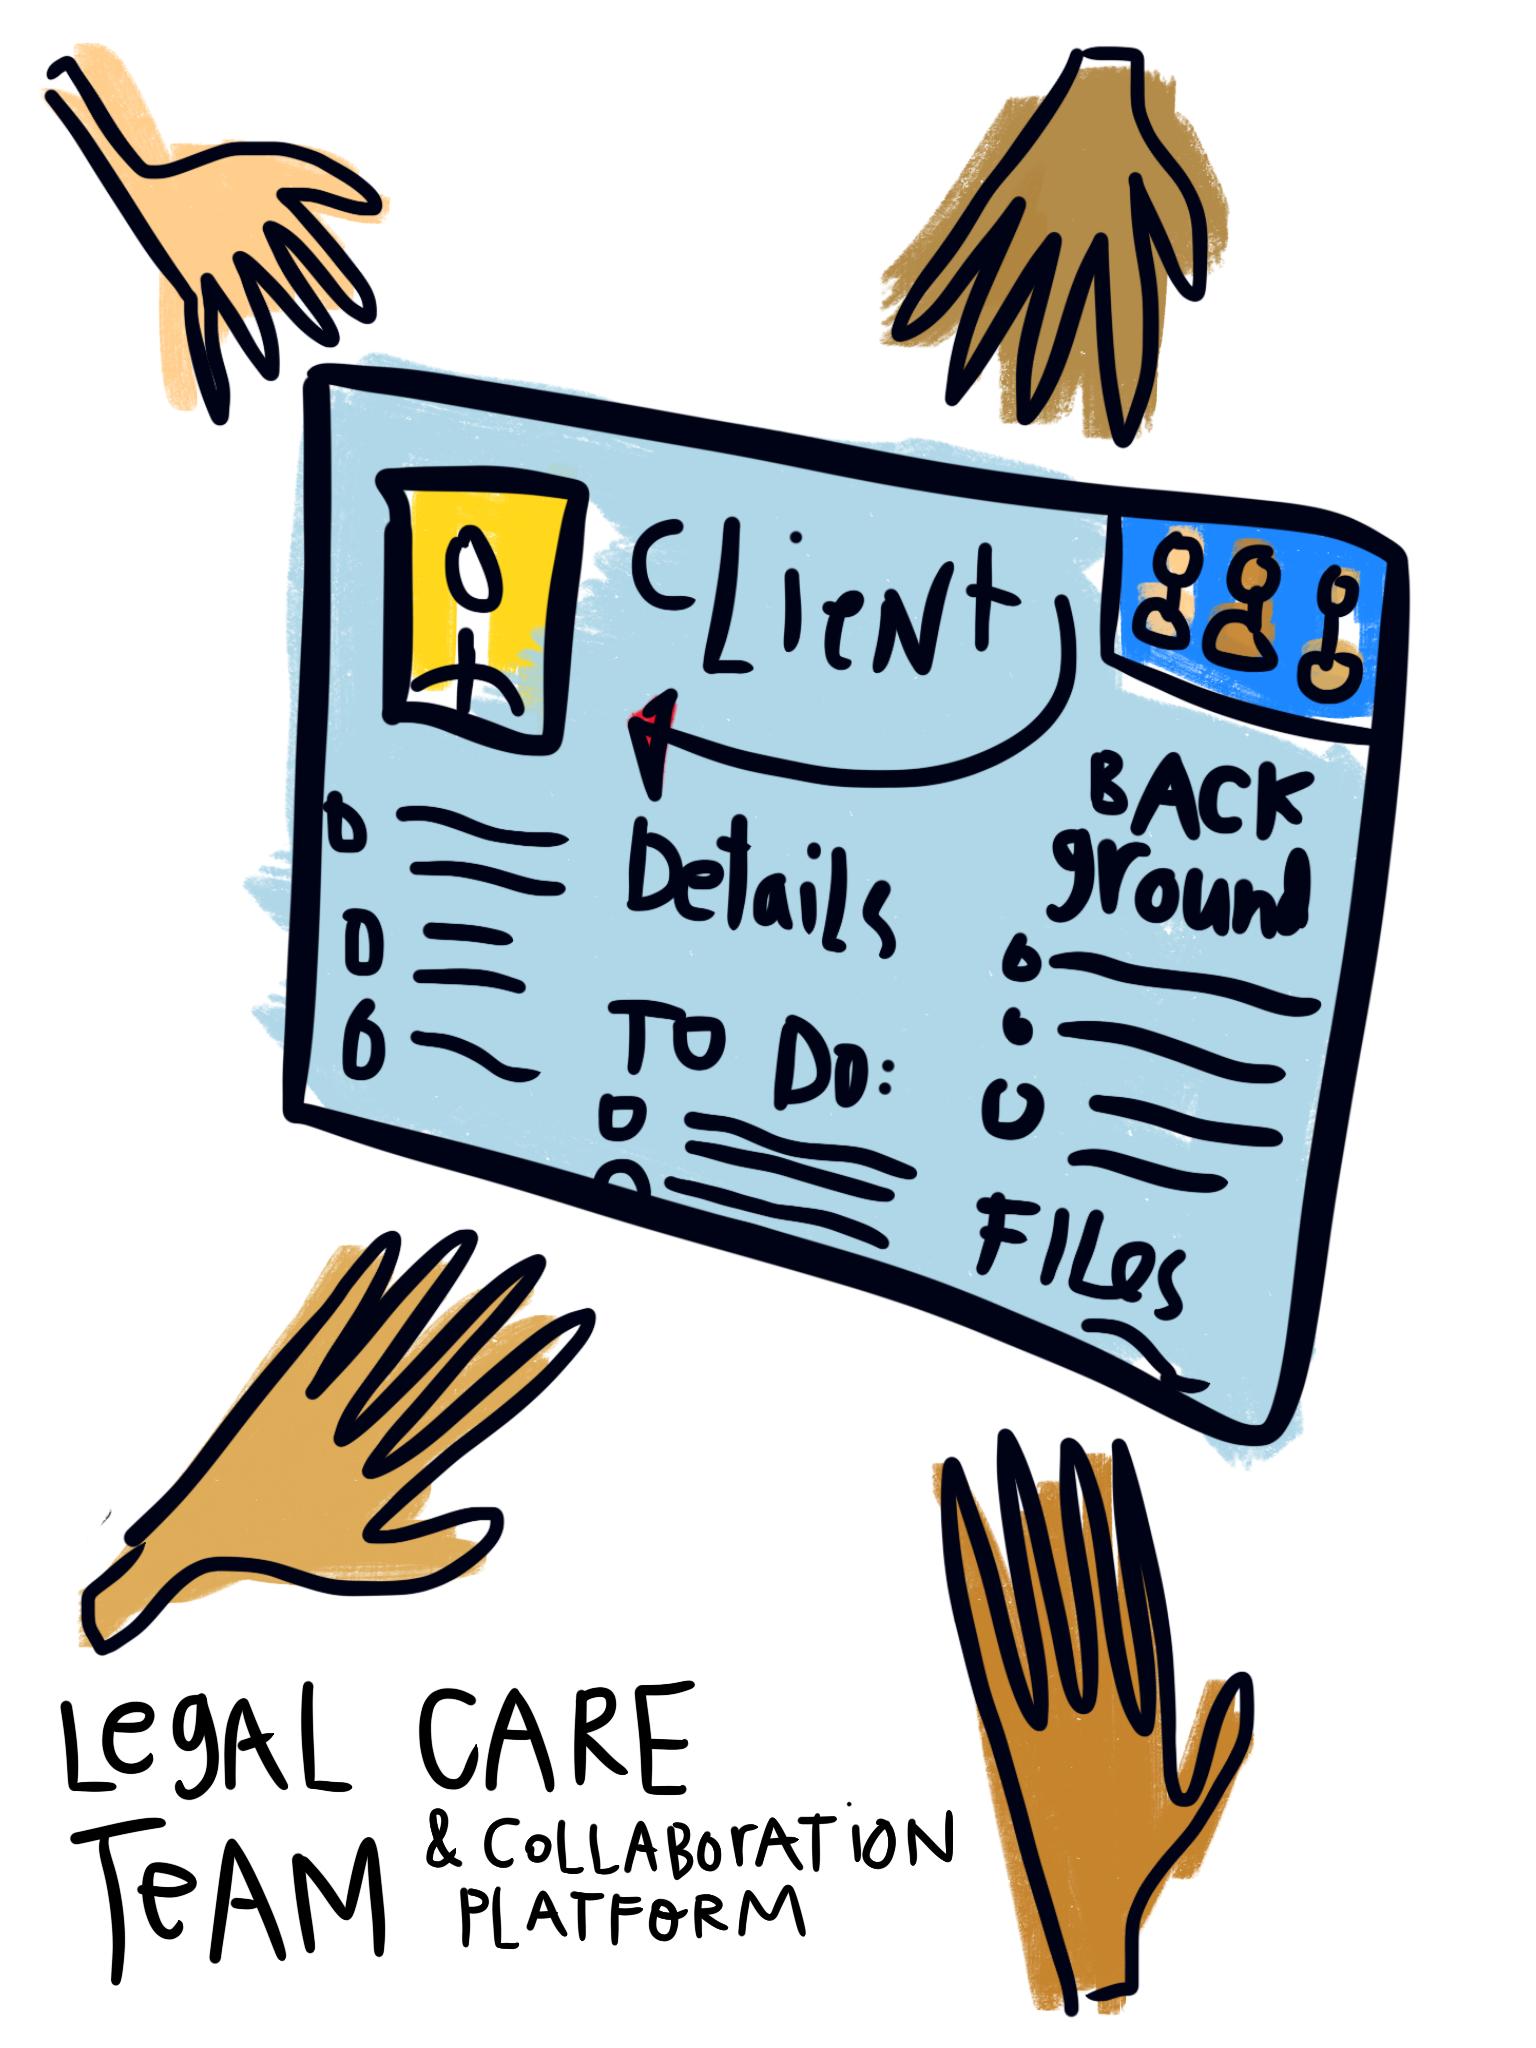 Legal_Design_Concepts - legal care team